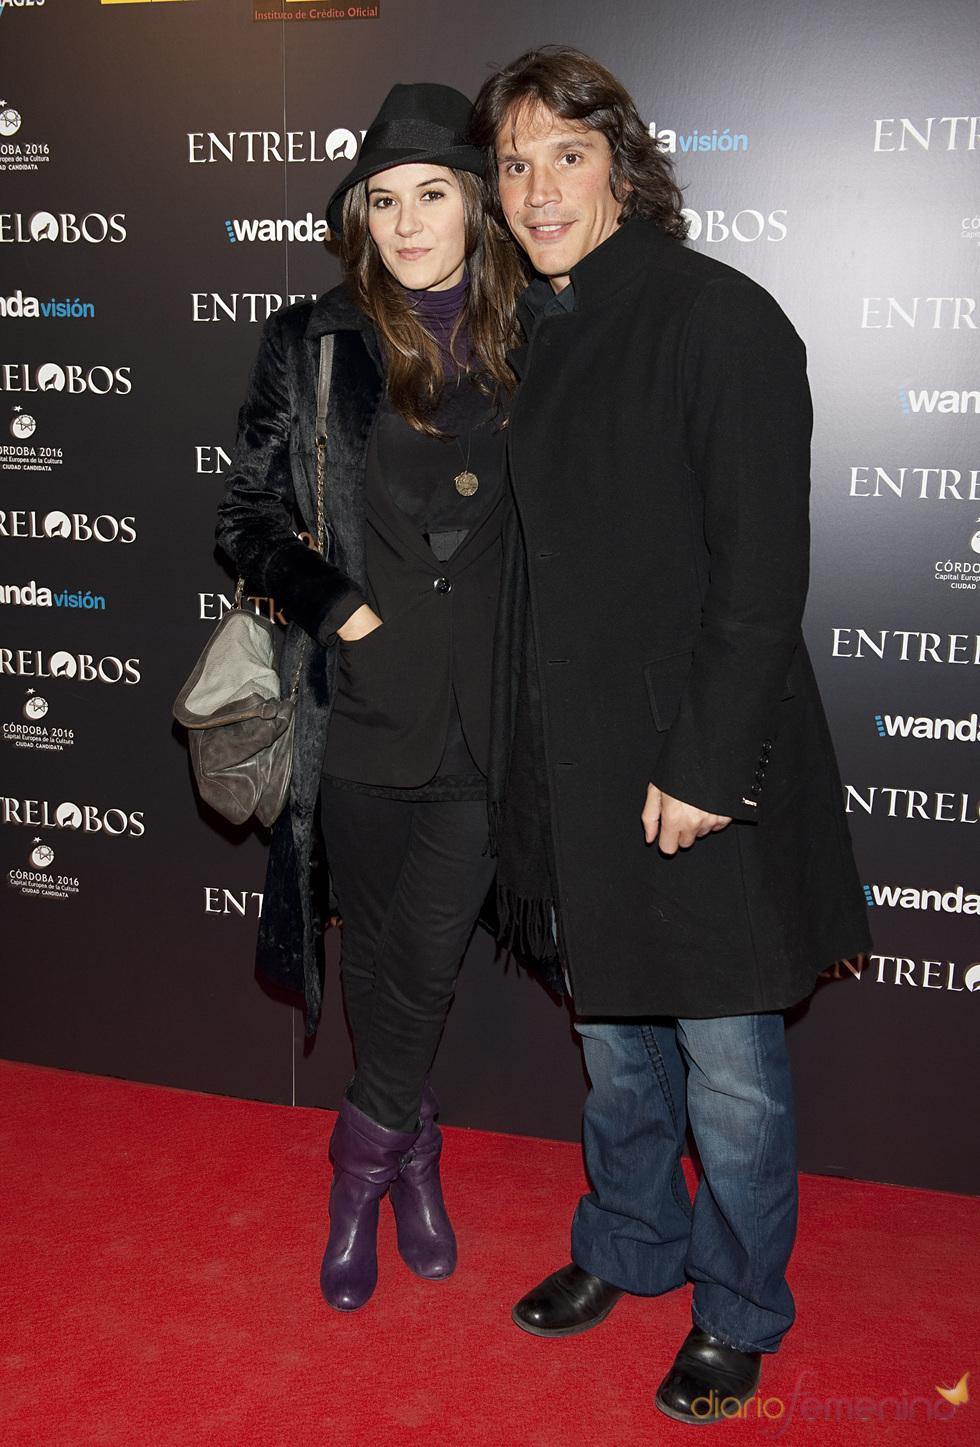 Sergio Peris Mencheta y su novia en el estreno de 'Entrelobos'